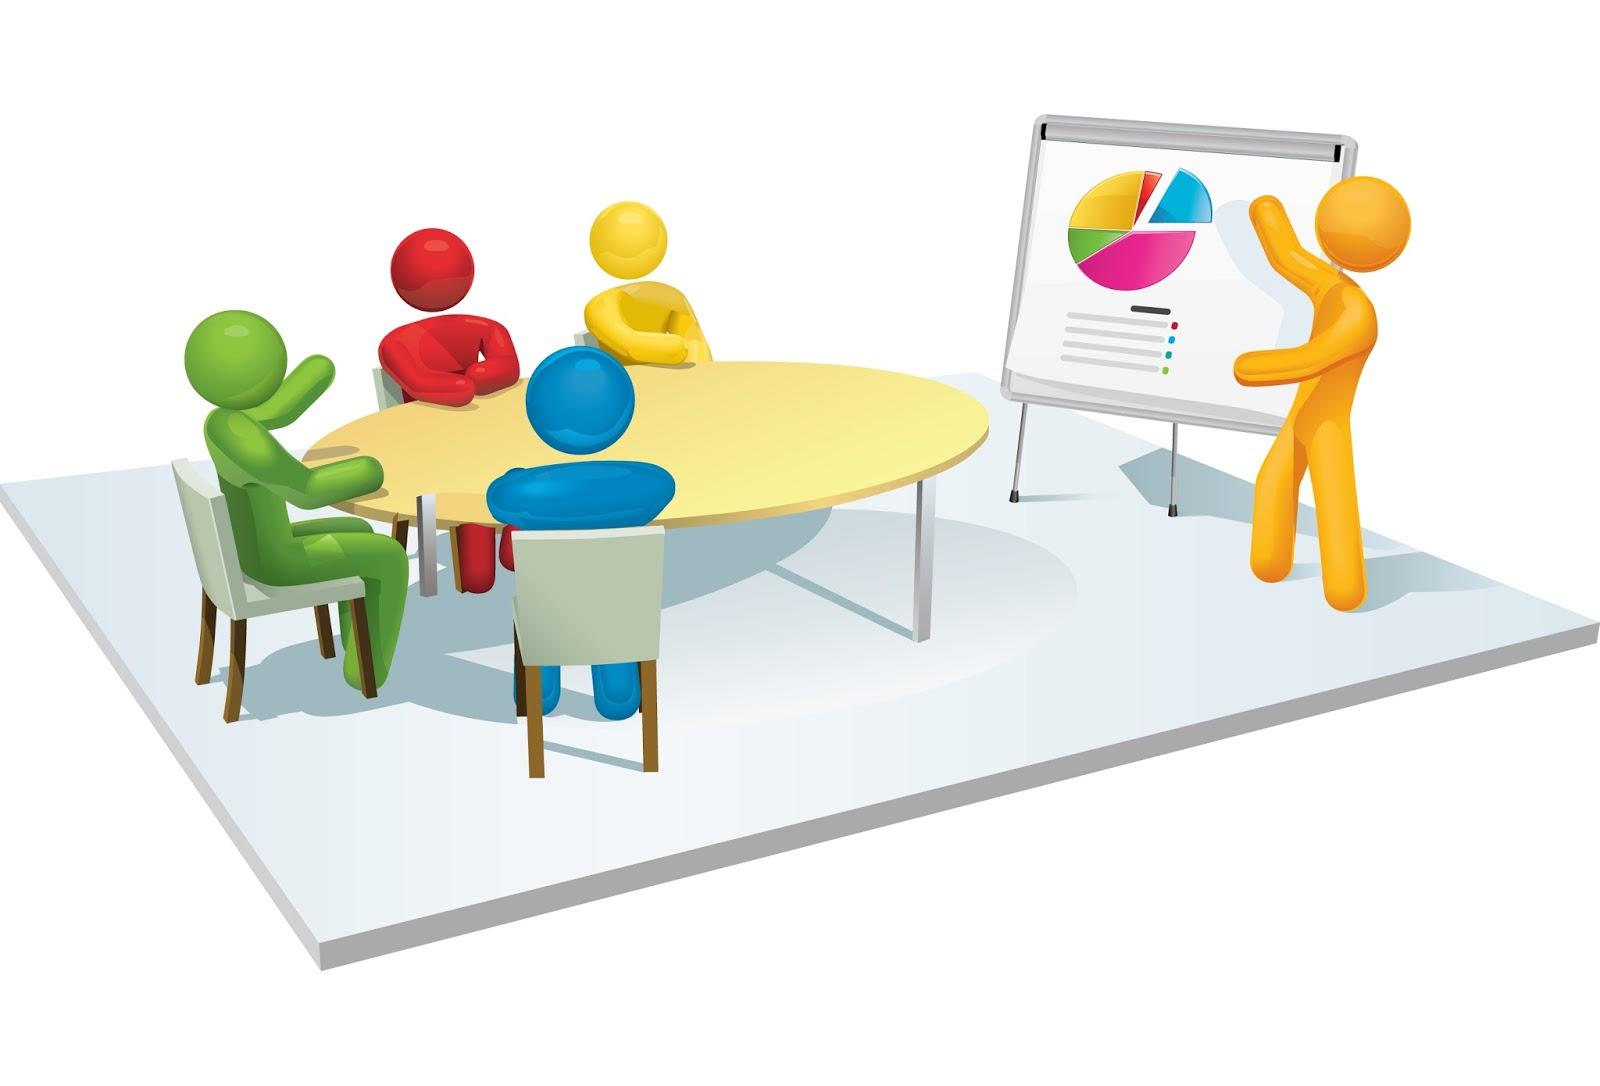 Hasil gambar untuk rencana organisasi